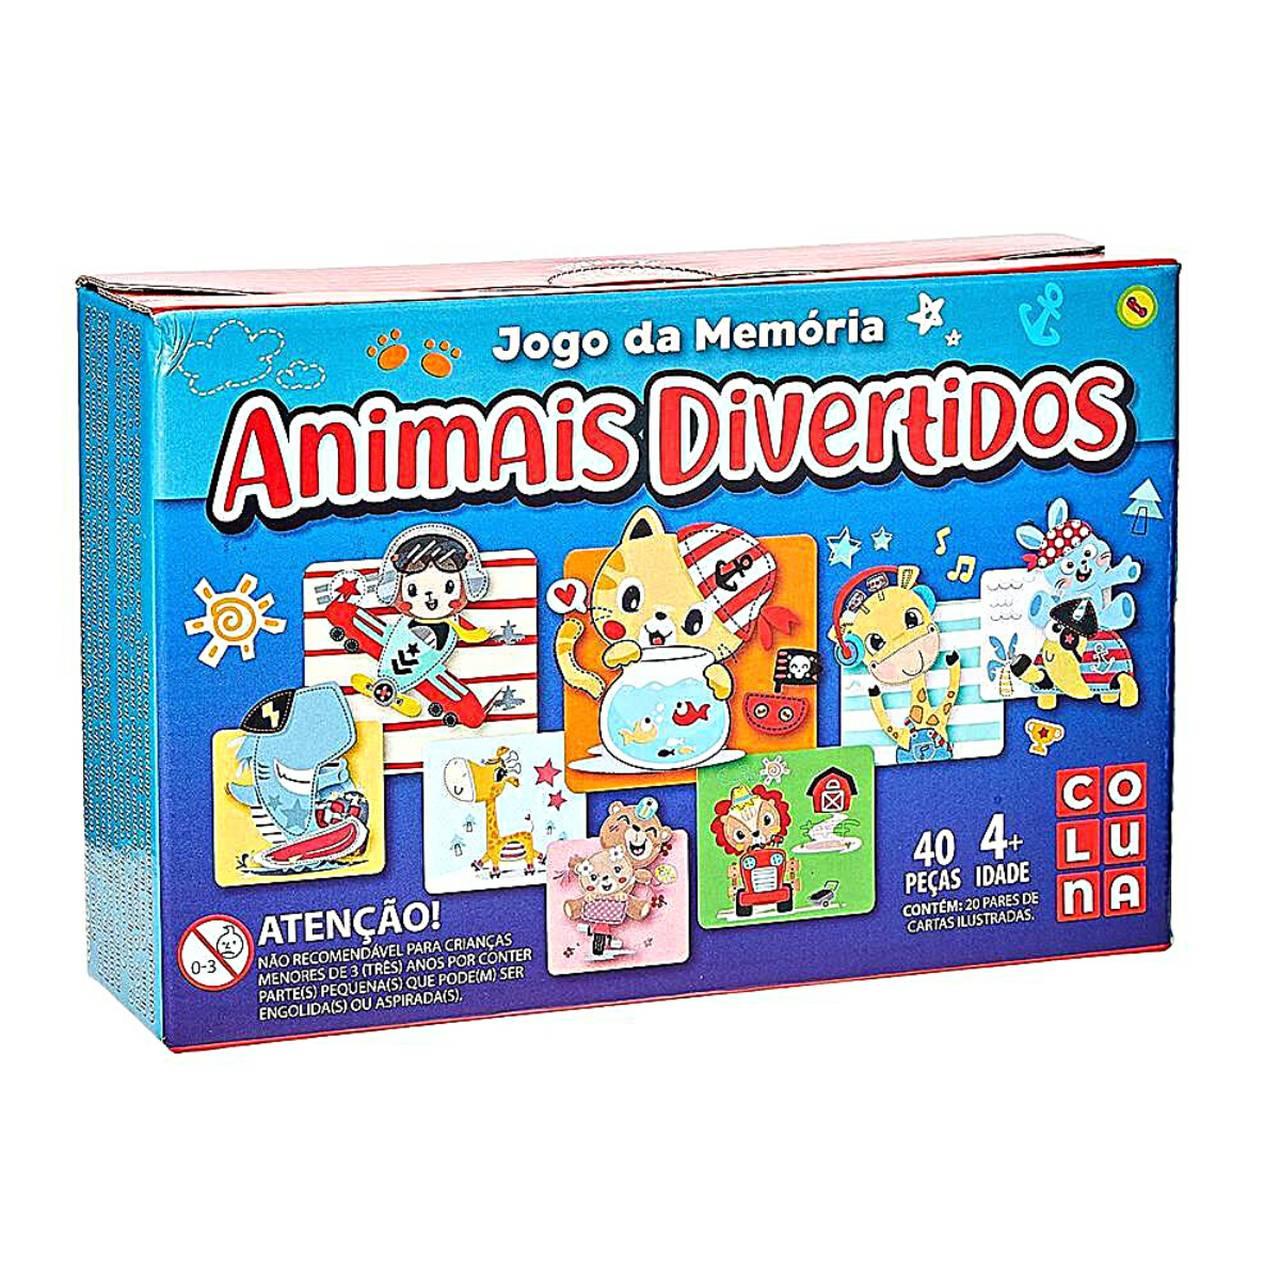 Jogo da Memória Animais Divertidos com 54 peças